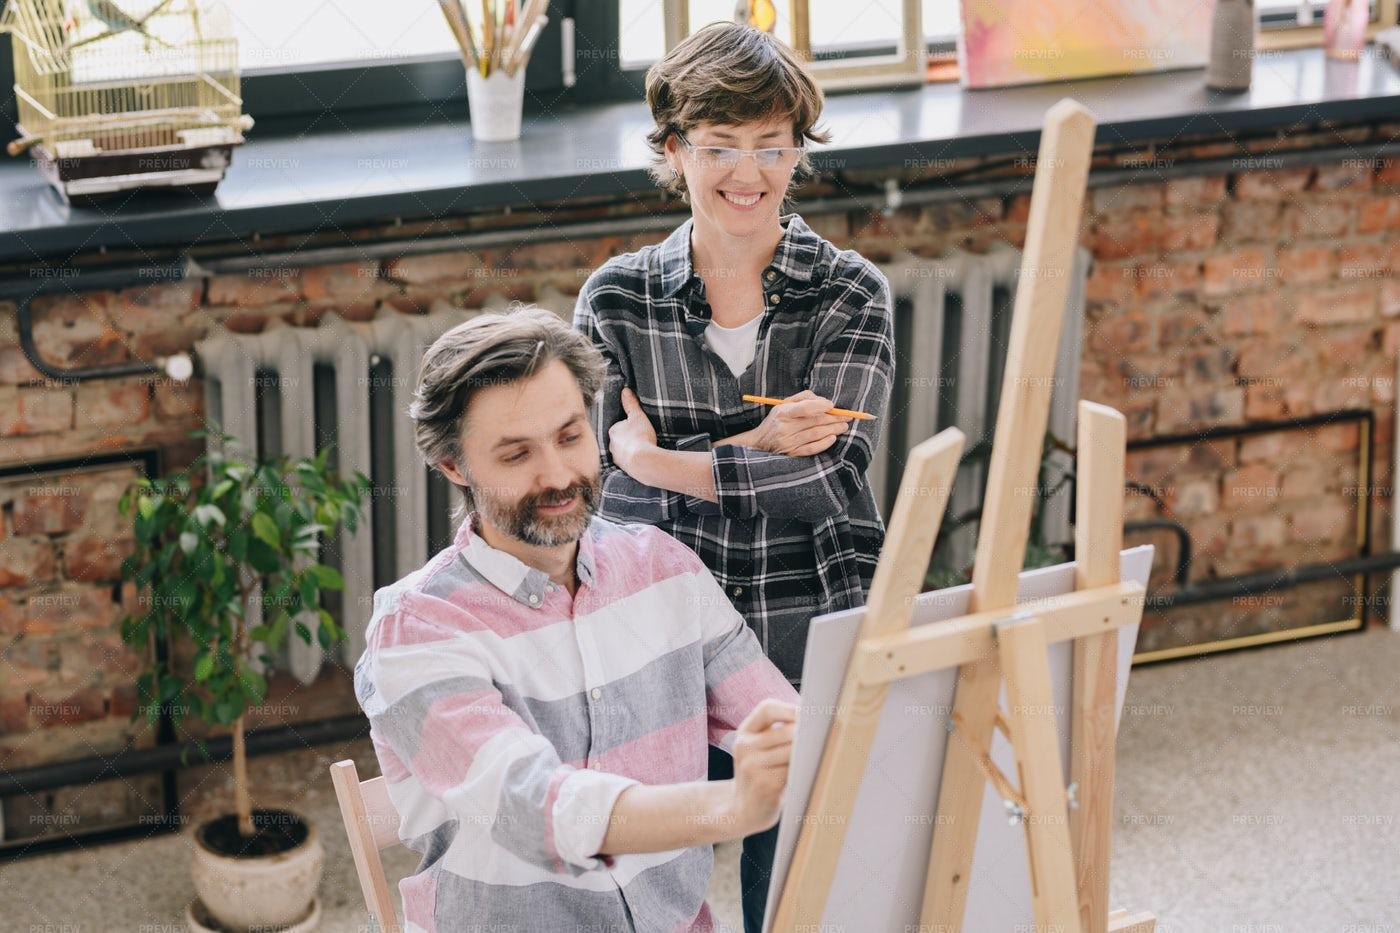 Mature Man Enjoying Art Class: Stock Photos